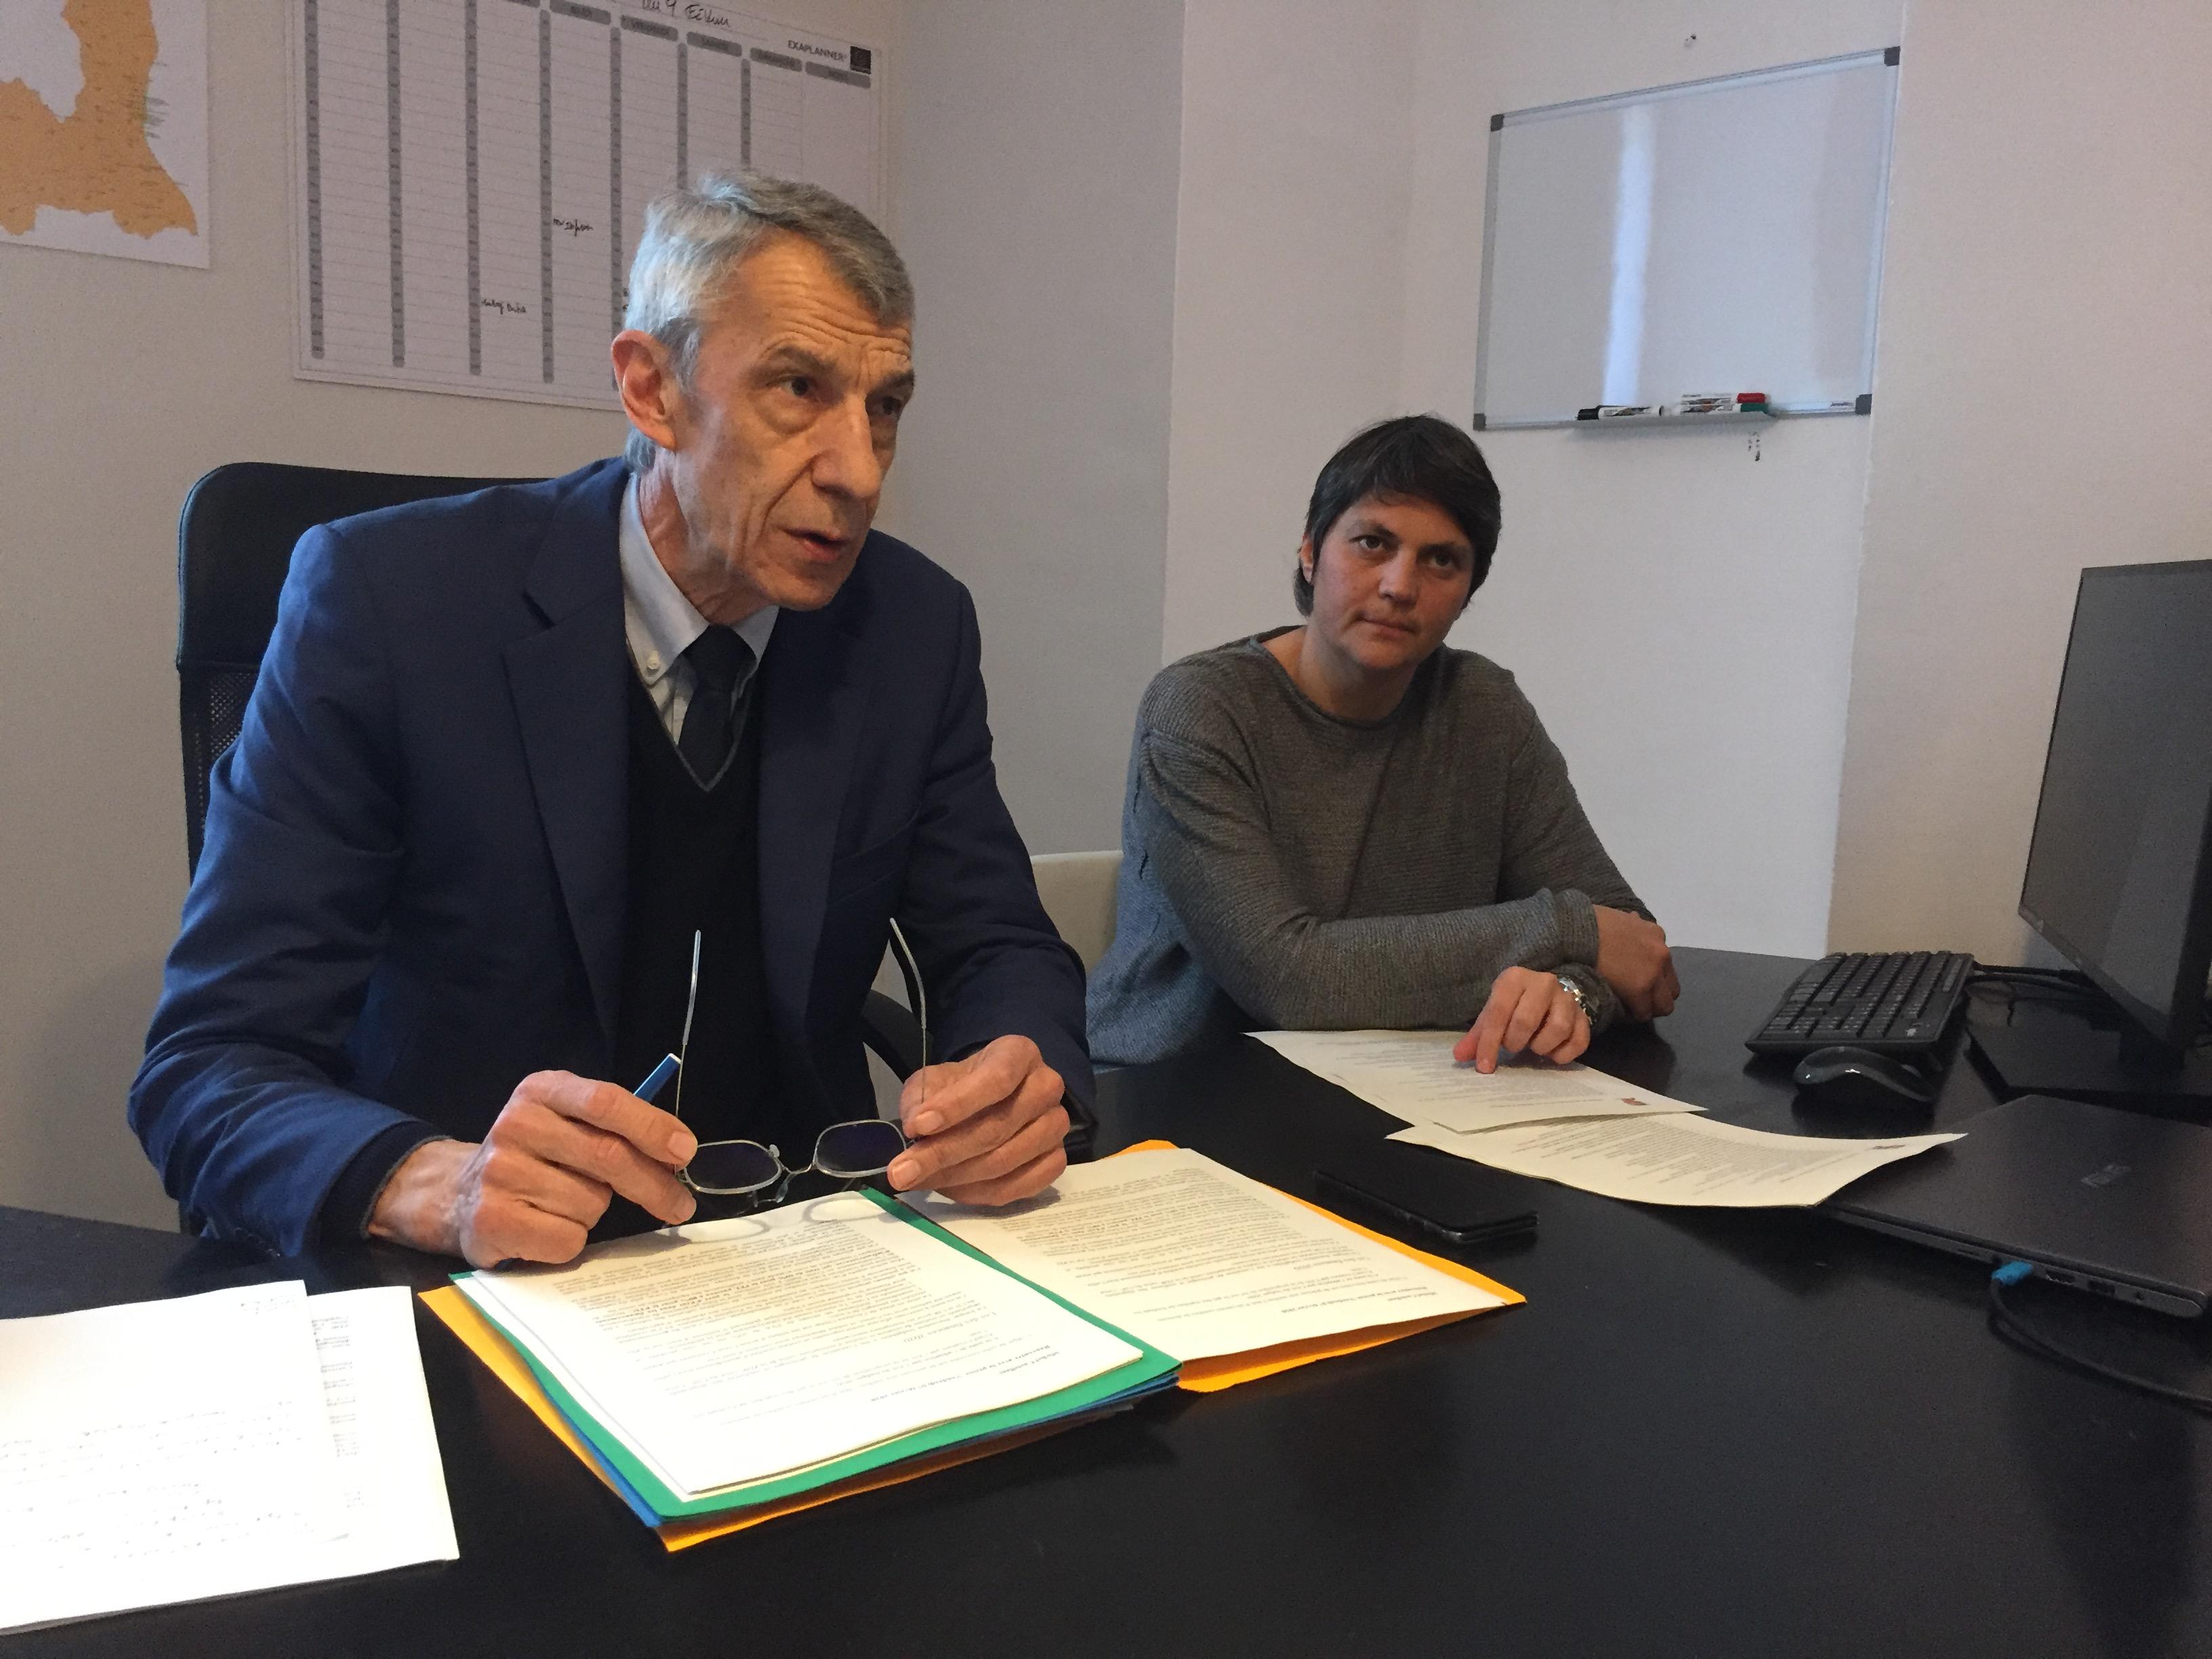 Michel Castellani avec à ses cotés sa suppléante, Juliette Ponzevera, a présenté son bilan 2019 et l'avancée des autres dossiers dont celui de la sacralisation du 5 mai